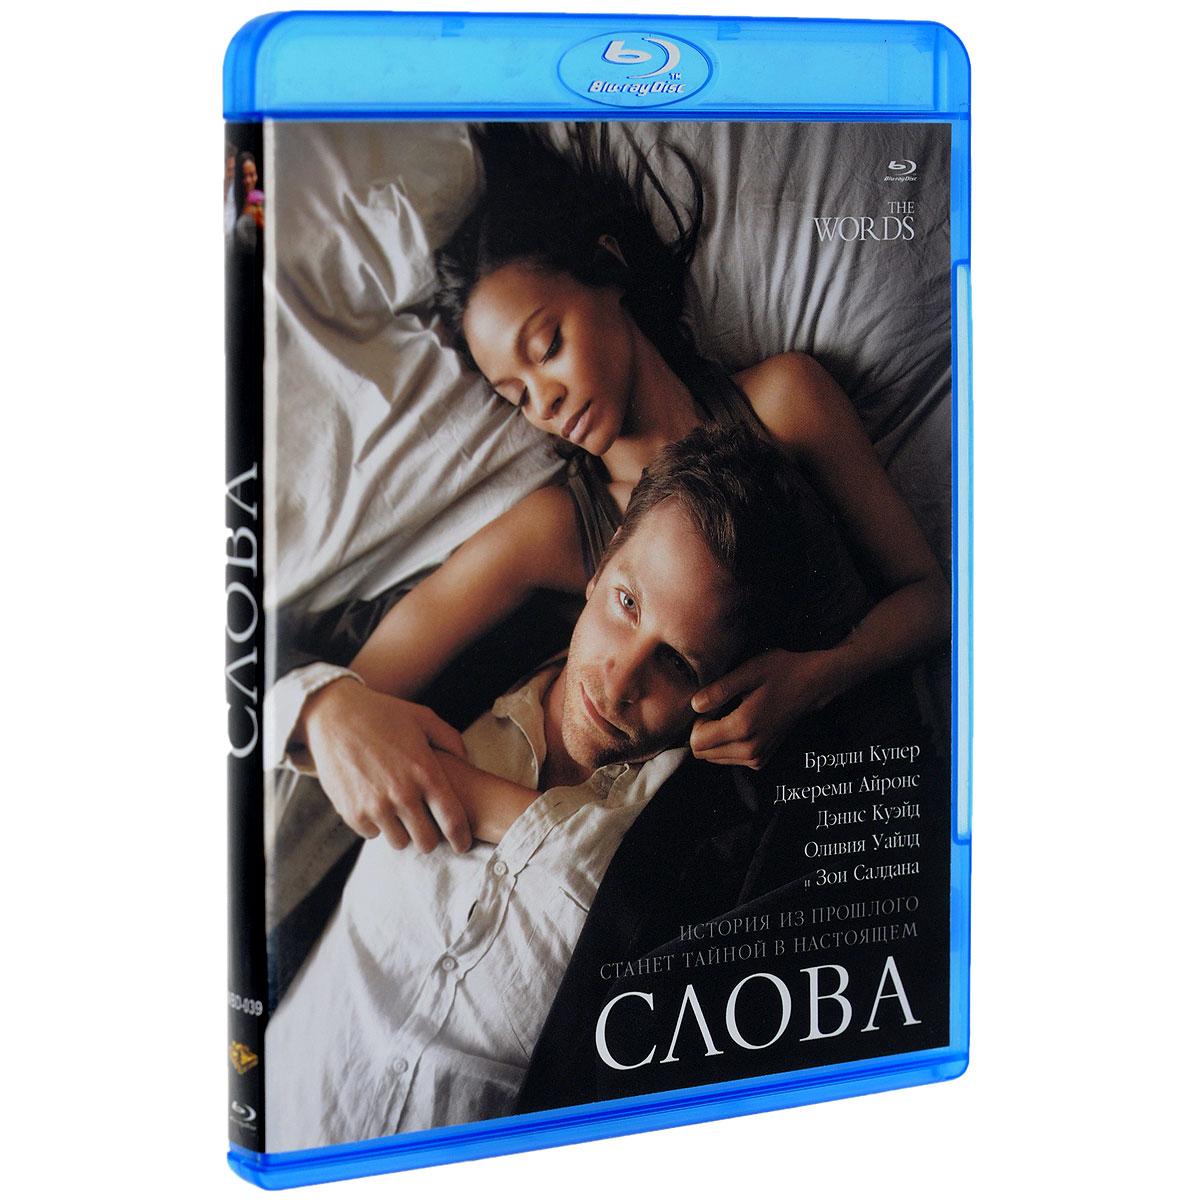 Слова (Blu-ray)Бредли Купер (Всегда говори Да), Джереми Айронс (Венецианский купец), Дэннис Куэйд (Американская мечта) в мелодраме Брайана Клагмена и Ли Штернтхала Слова. История из прошлого станет тайной в настоящем. Роди Дженсен (Бредли Купер) - писатель, купающийся в лучах славы, после изданного романа. Но, есть одна загвоздка, он не писал этот роман. И теперь Роди должен заплатить высокую цену за украденную у другого человека жизнь…